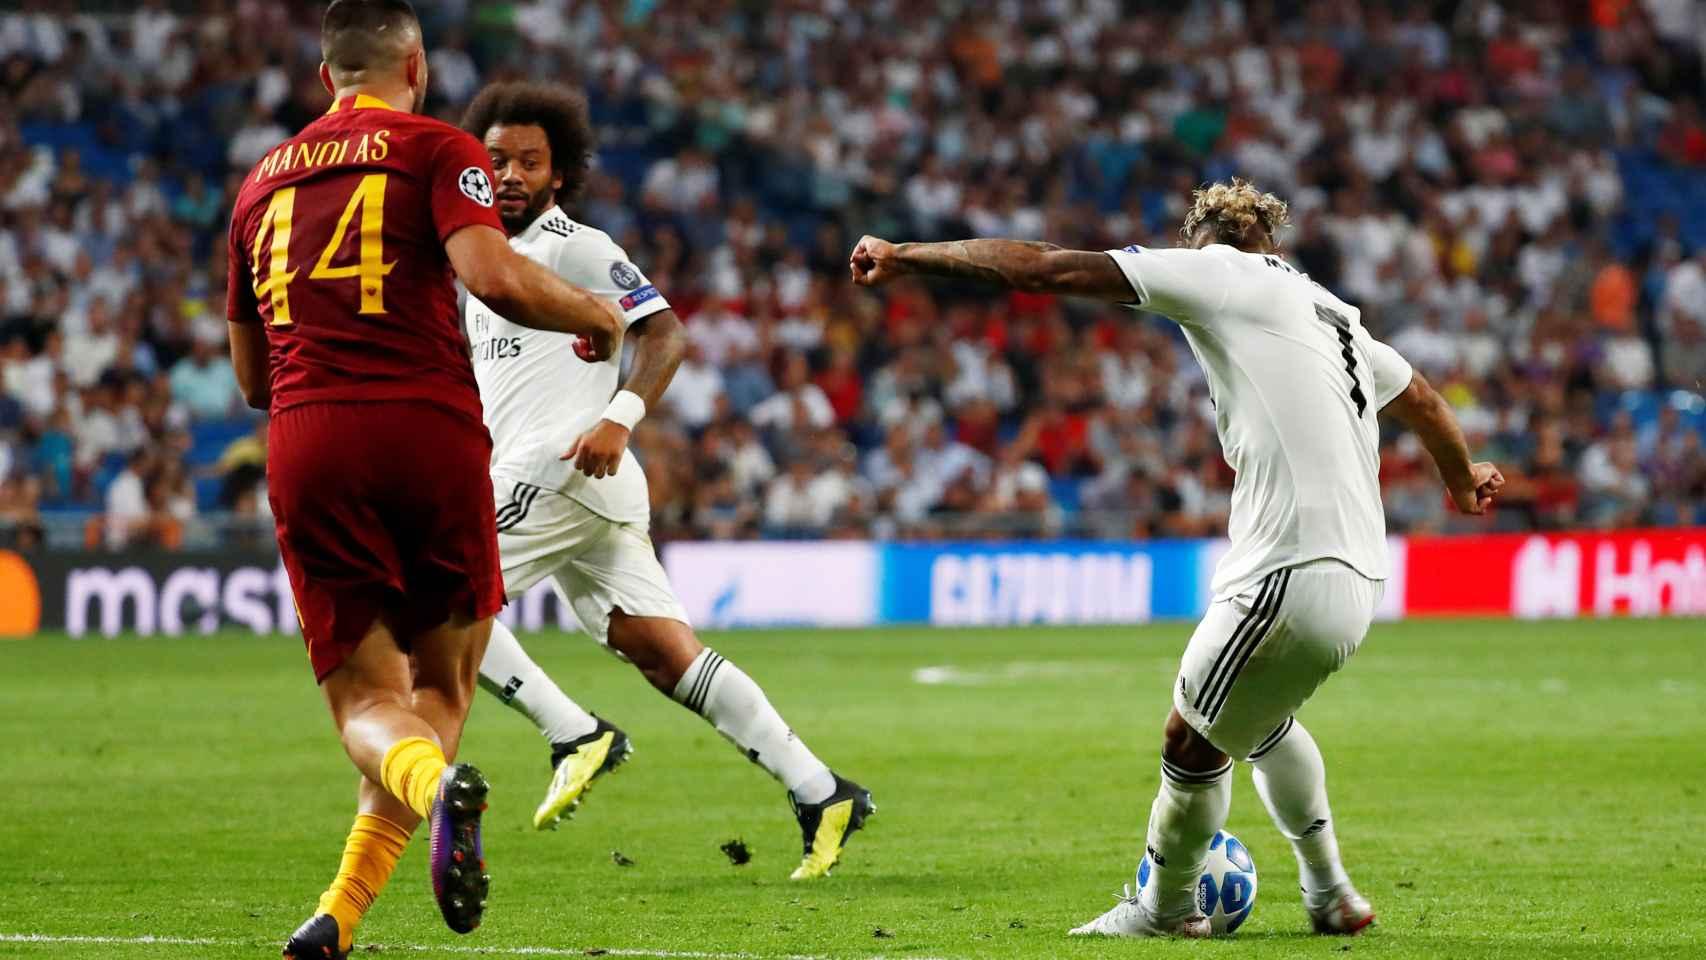 Mariano dispara a puerta para meter el tercer gol del Madrid a la Roma